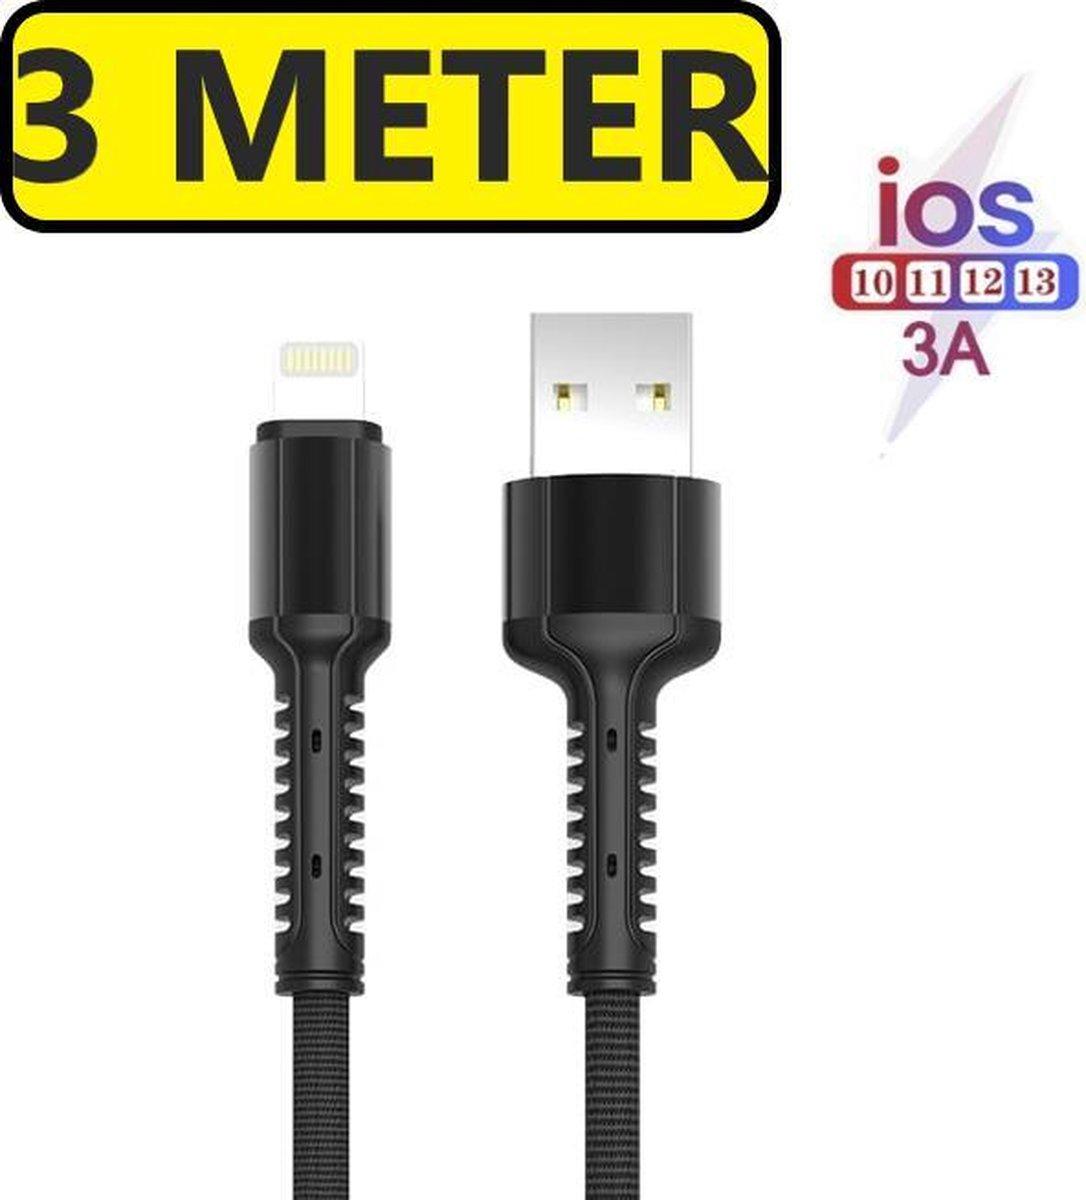 Extra Lange iPhone oplader kabel geschikt voor Apple iPhone 6,7,8,X,XS,XR,11,12,Mini,Pro Max - iPhone kabel - iPhone oplaadkabel - iPhone snoertje - iPhone lader